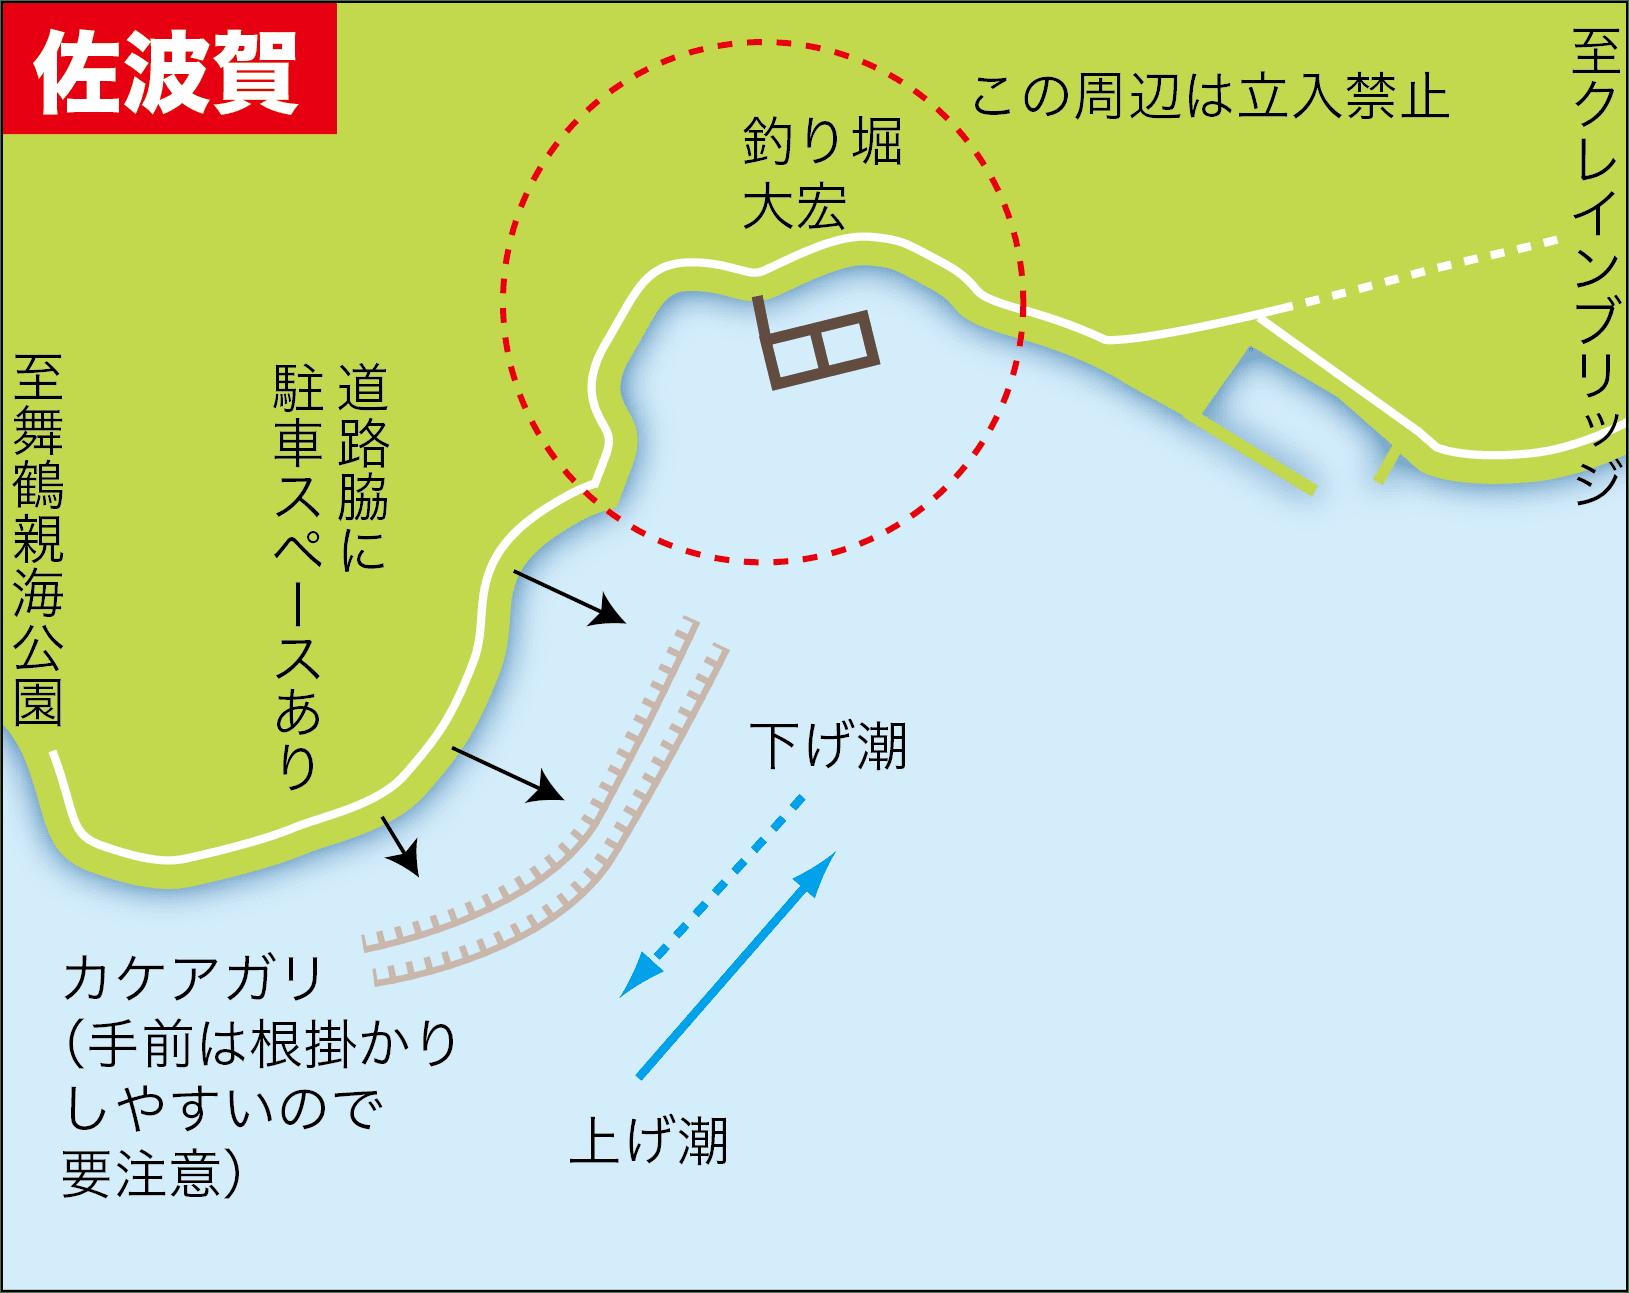 サビキ釣りスズナリ3-8